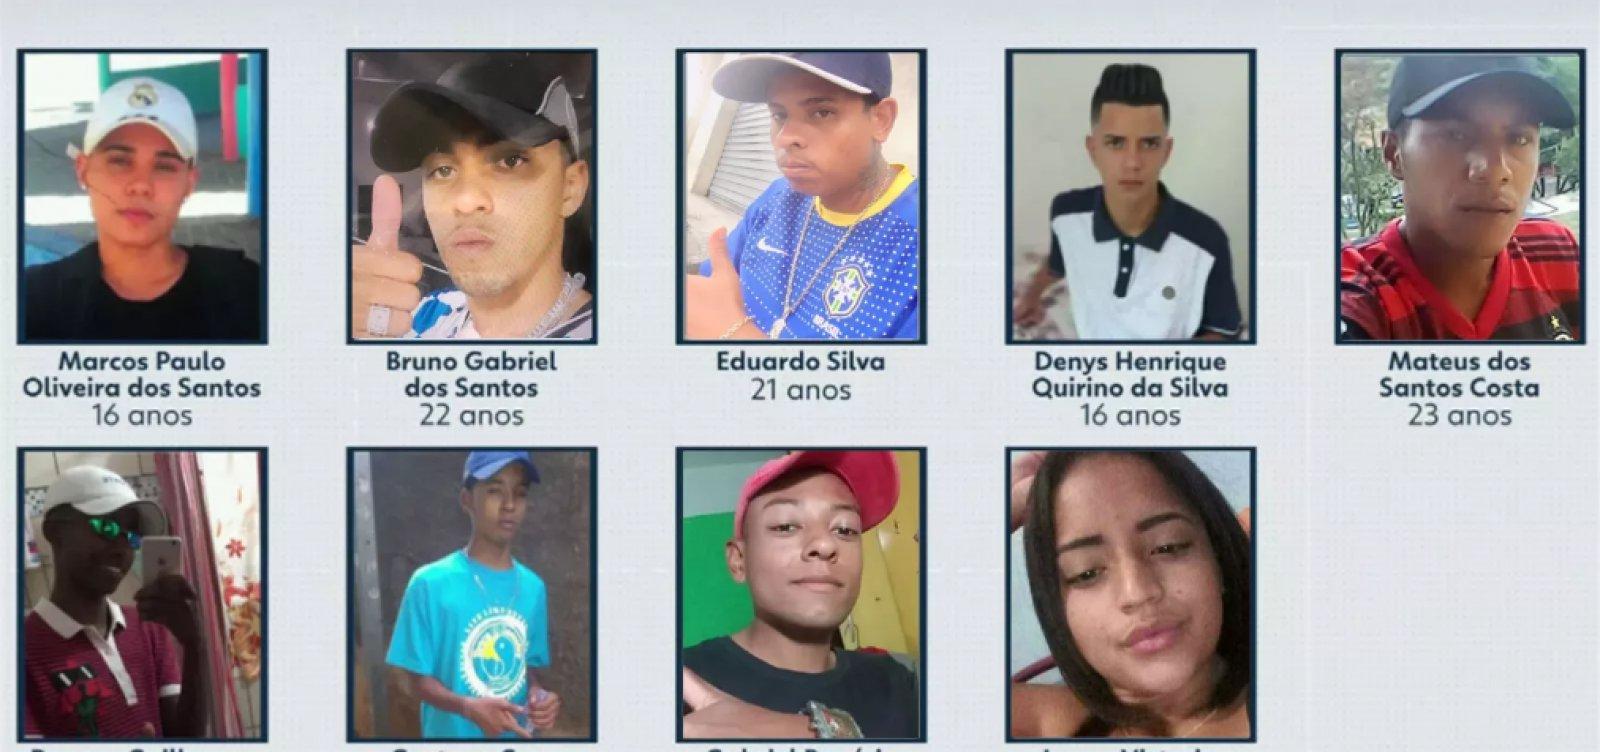 Jovens de Paraisópolis morreram por asfixia e trauma na coluna, dizem atestados